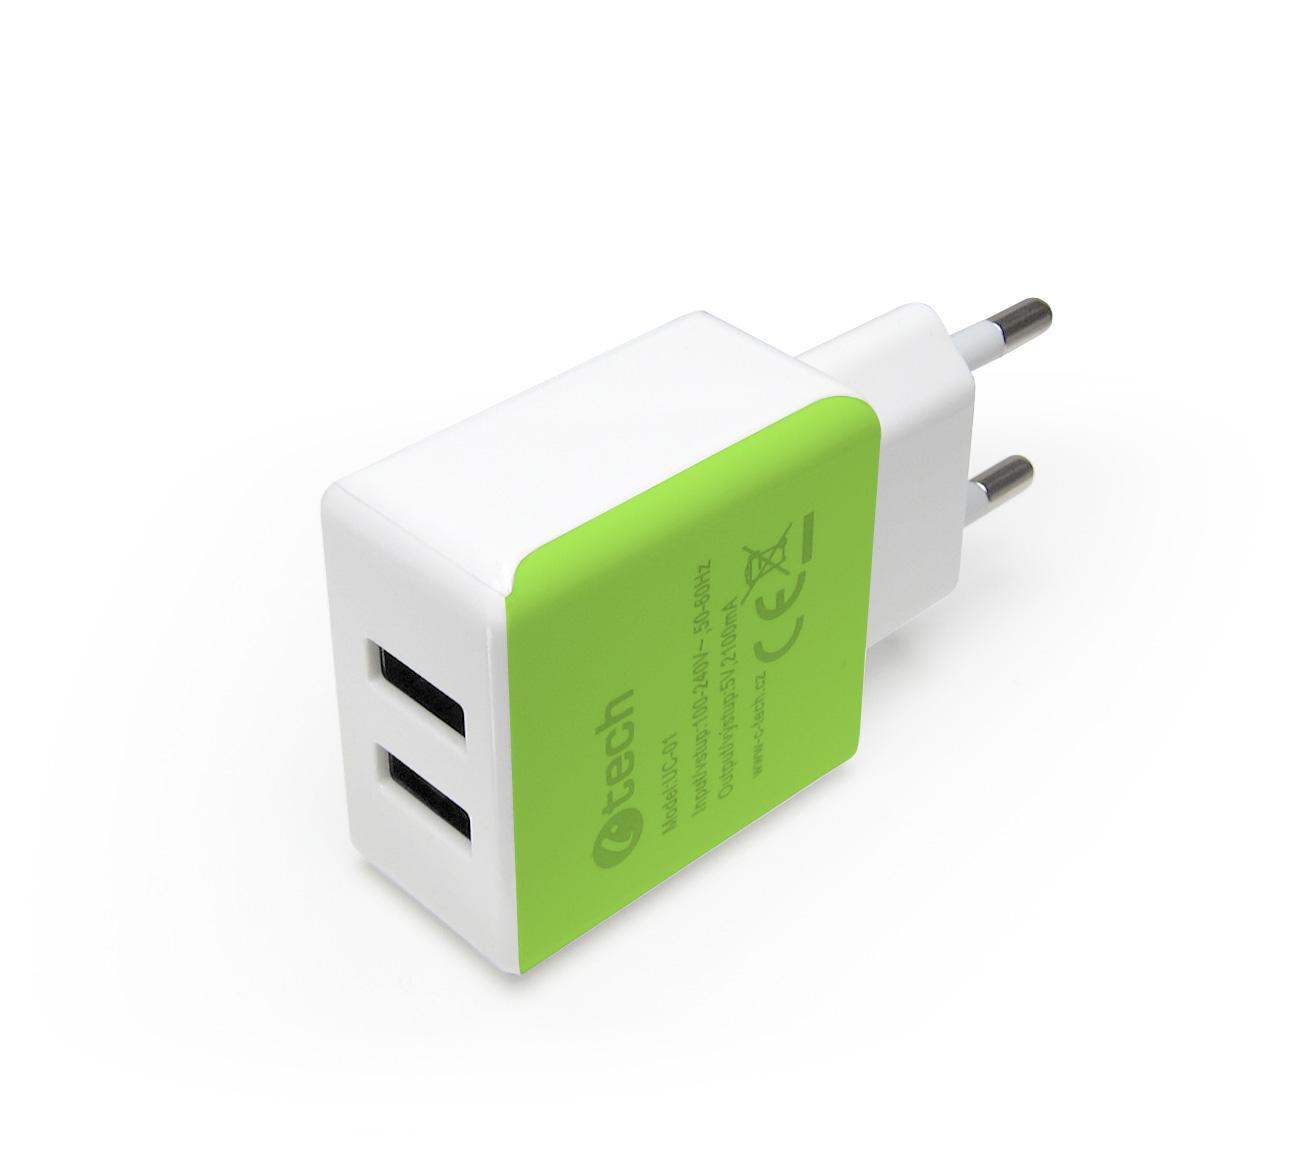 C-TECH Nabíječka, 2x USB, 2,1A, bílá-zelená